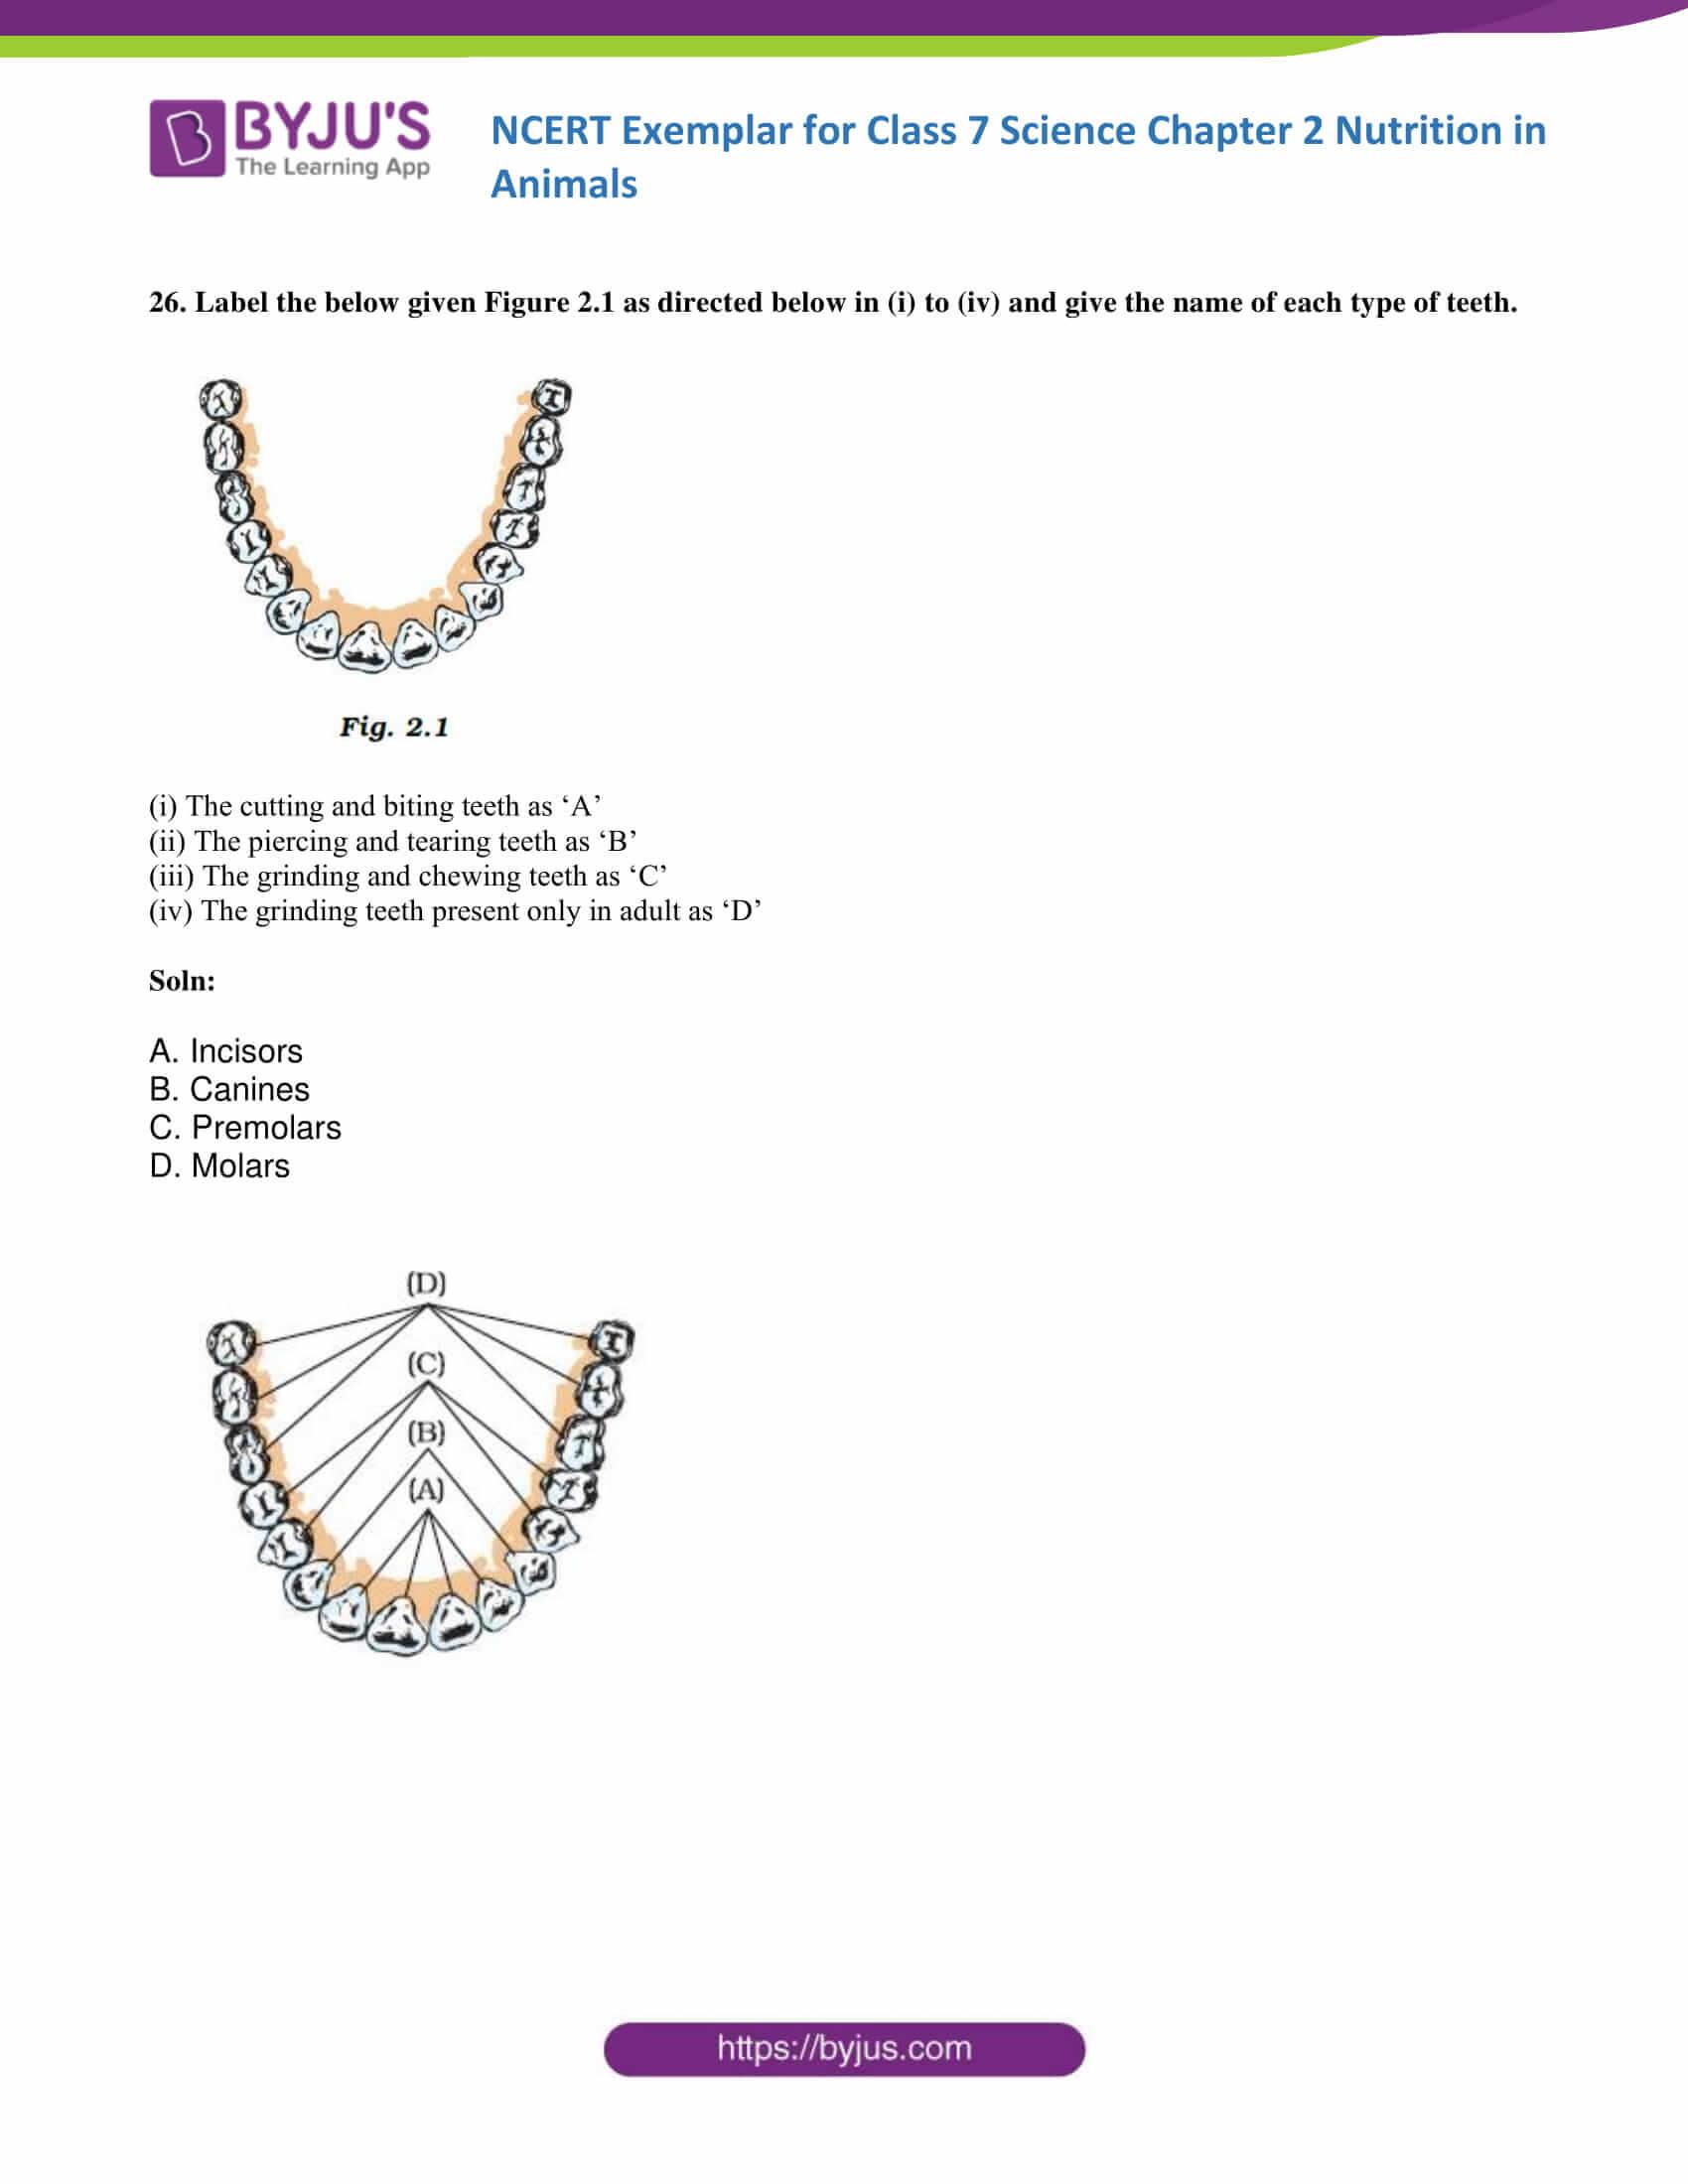 NCERT Exemplar solution class 7 science Chapter 2 10